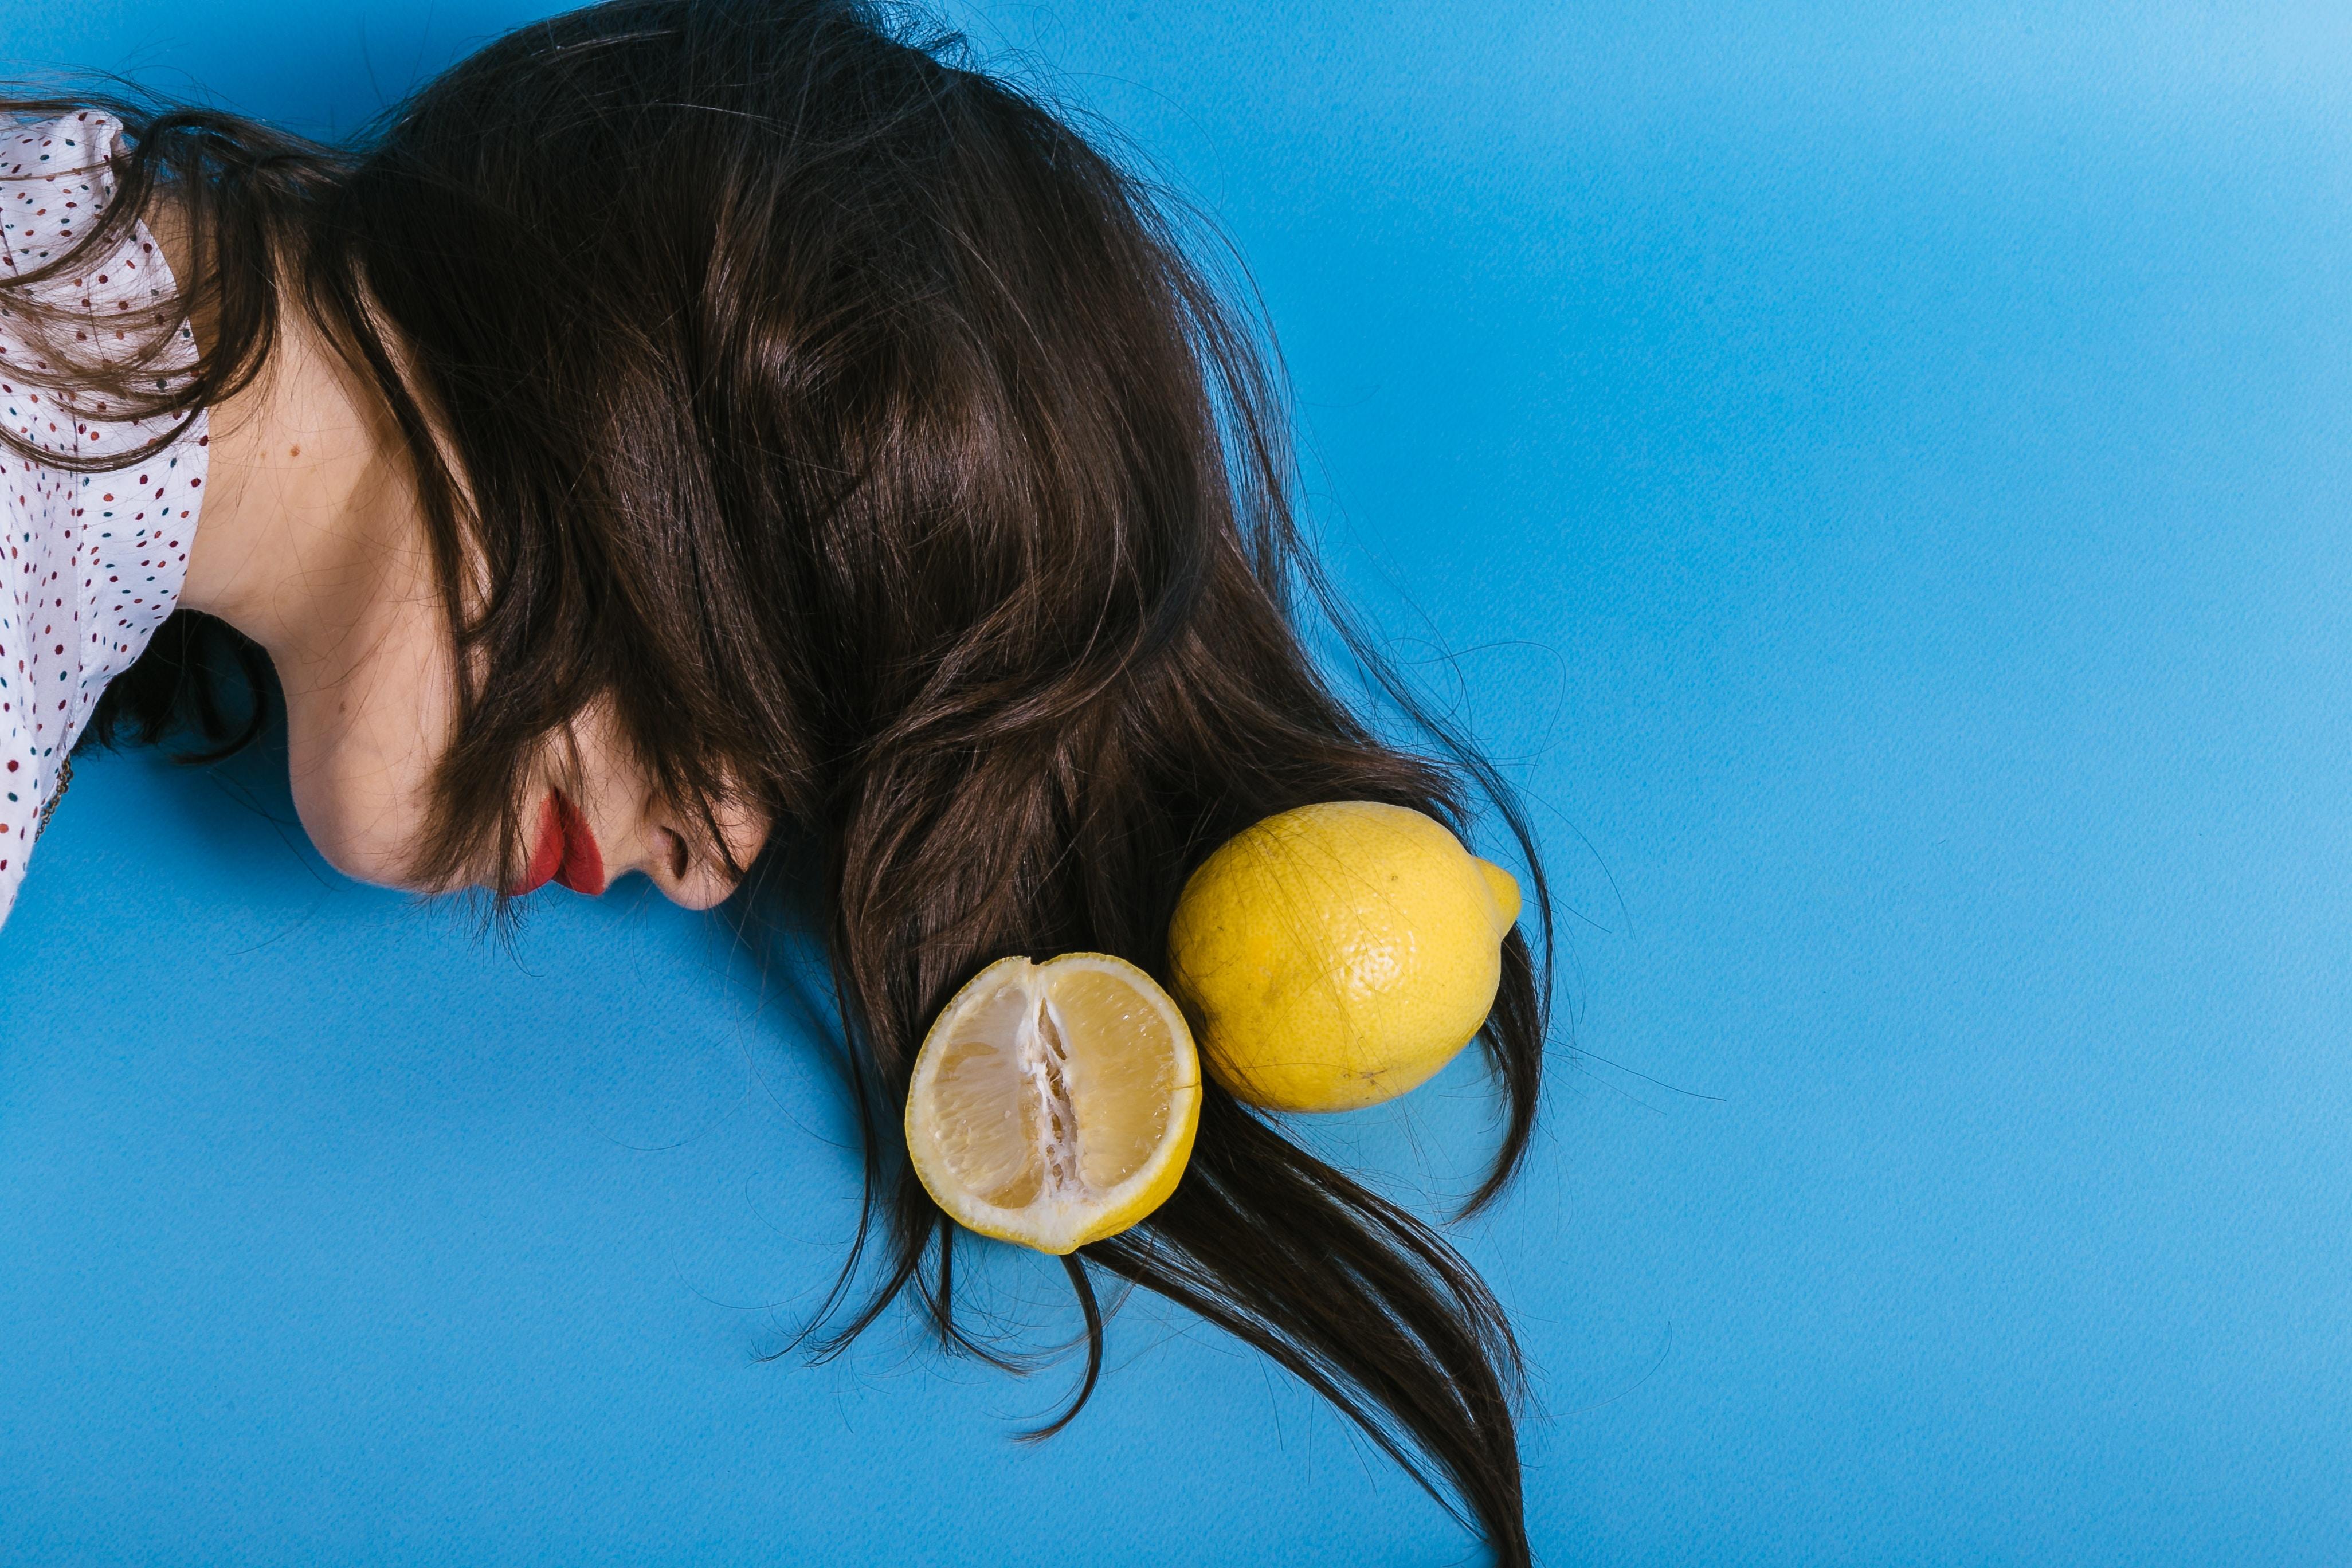 woman's head beside lemon